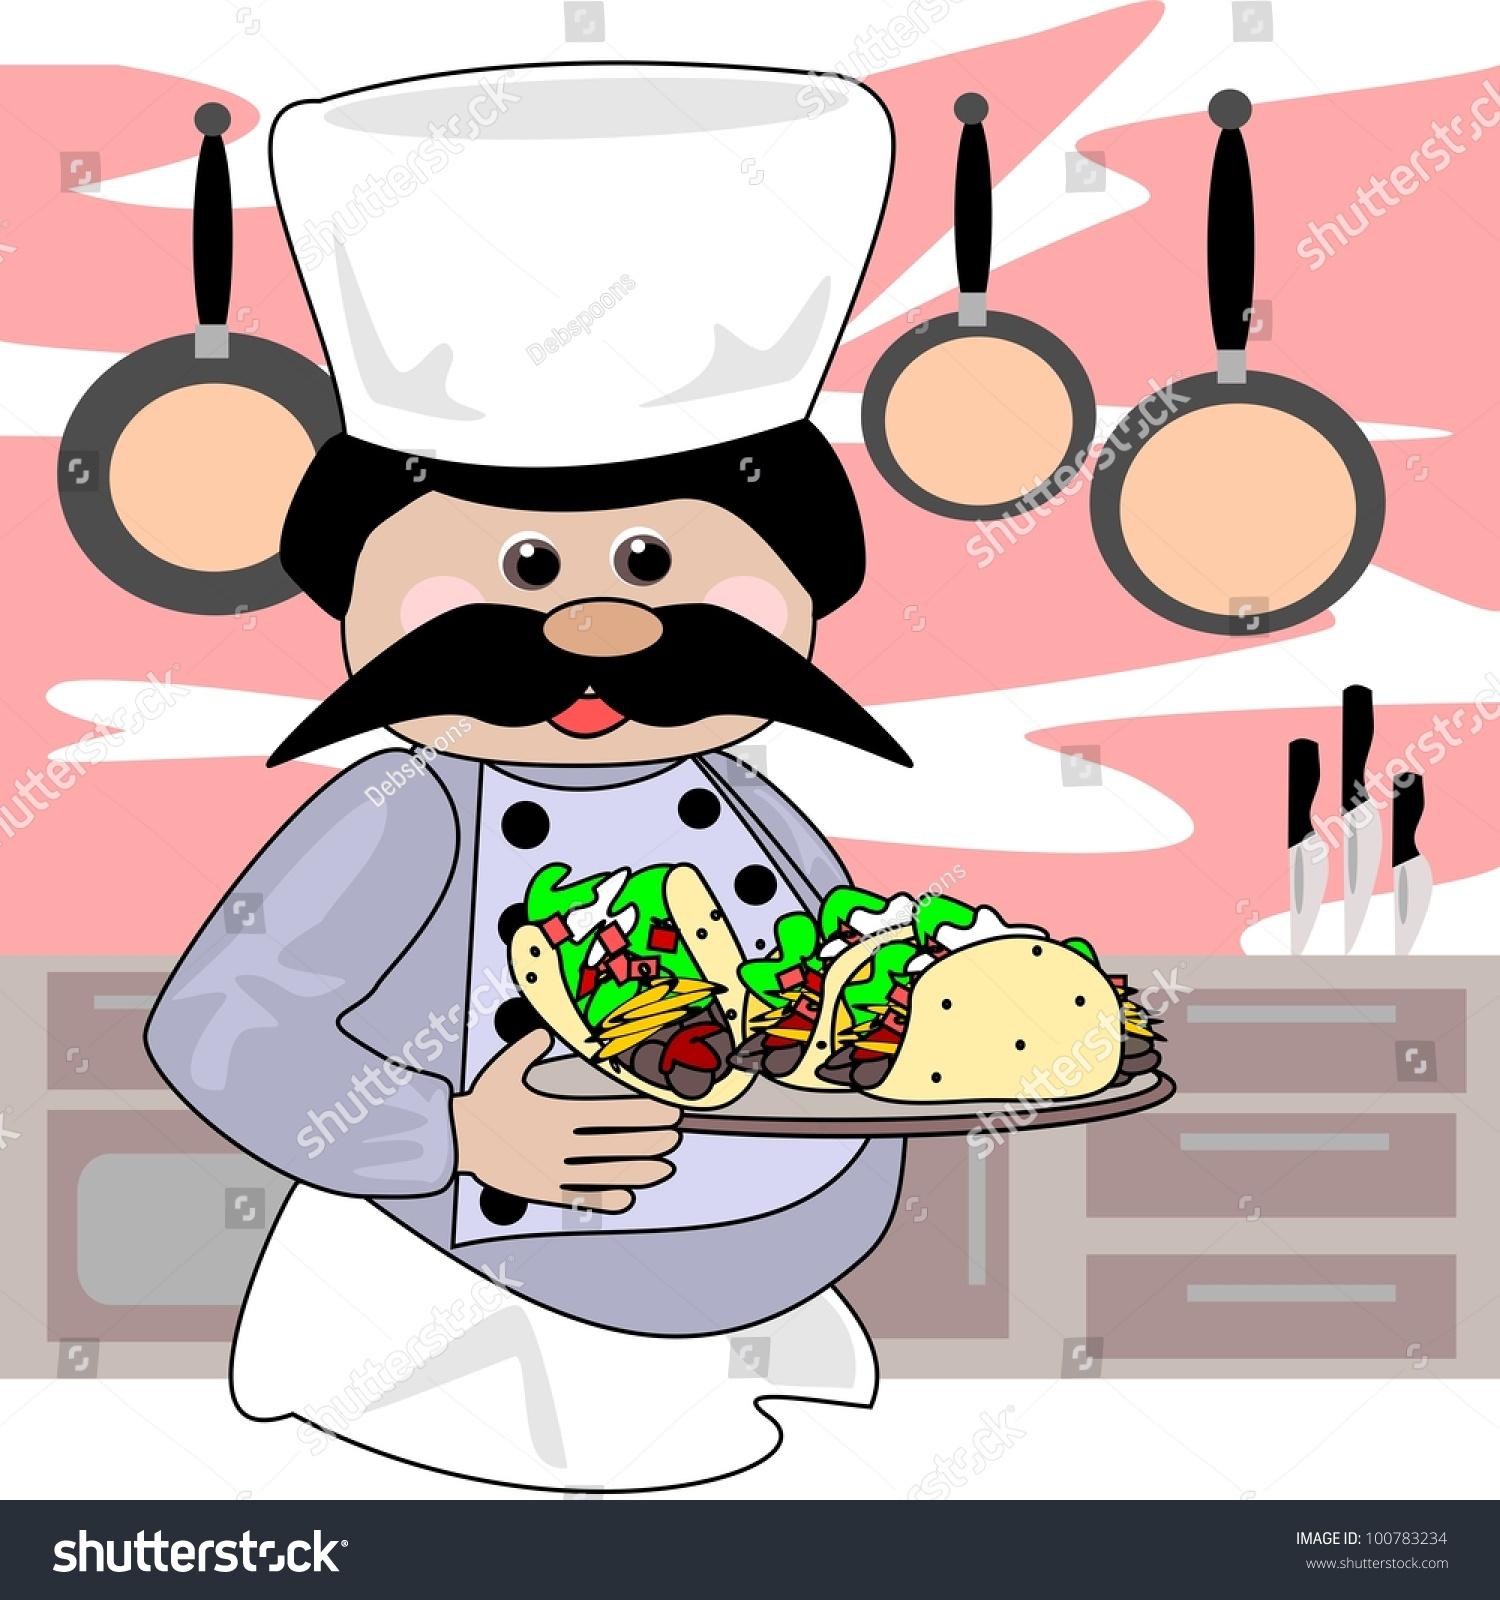 卡通插图的厨师的玉米饼.厨房区域的背景.